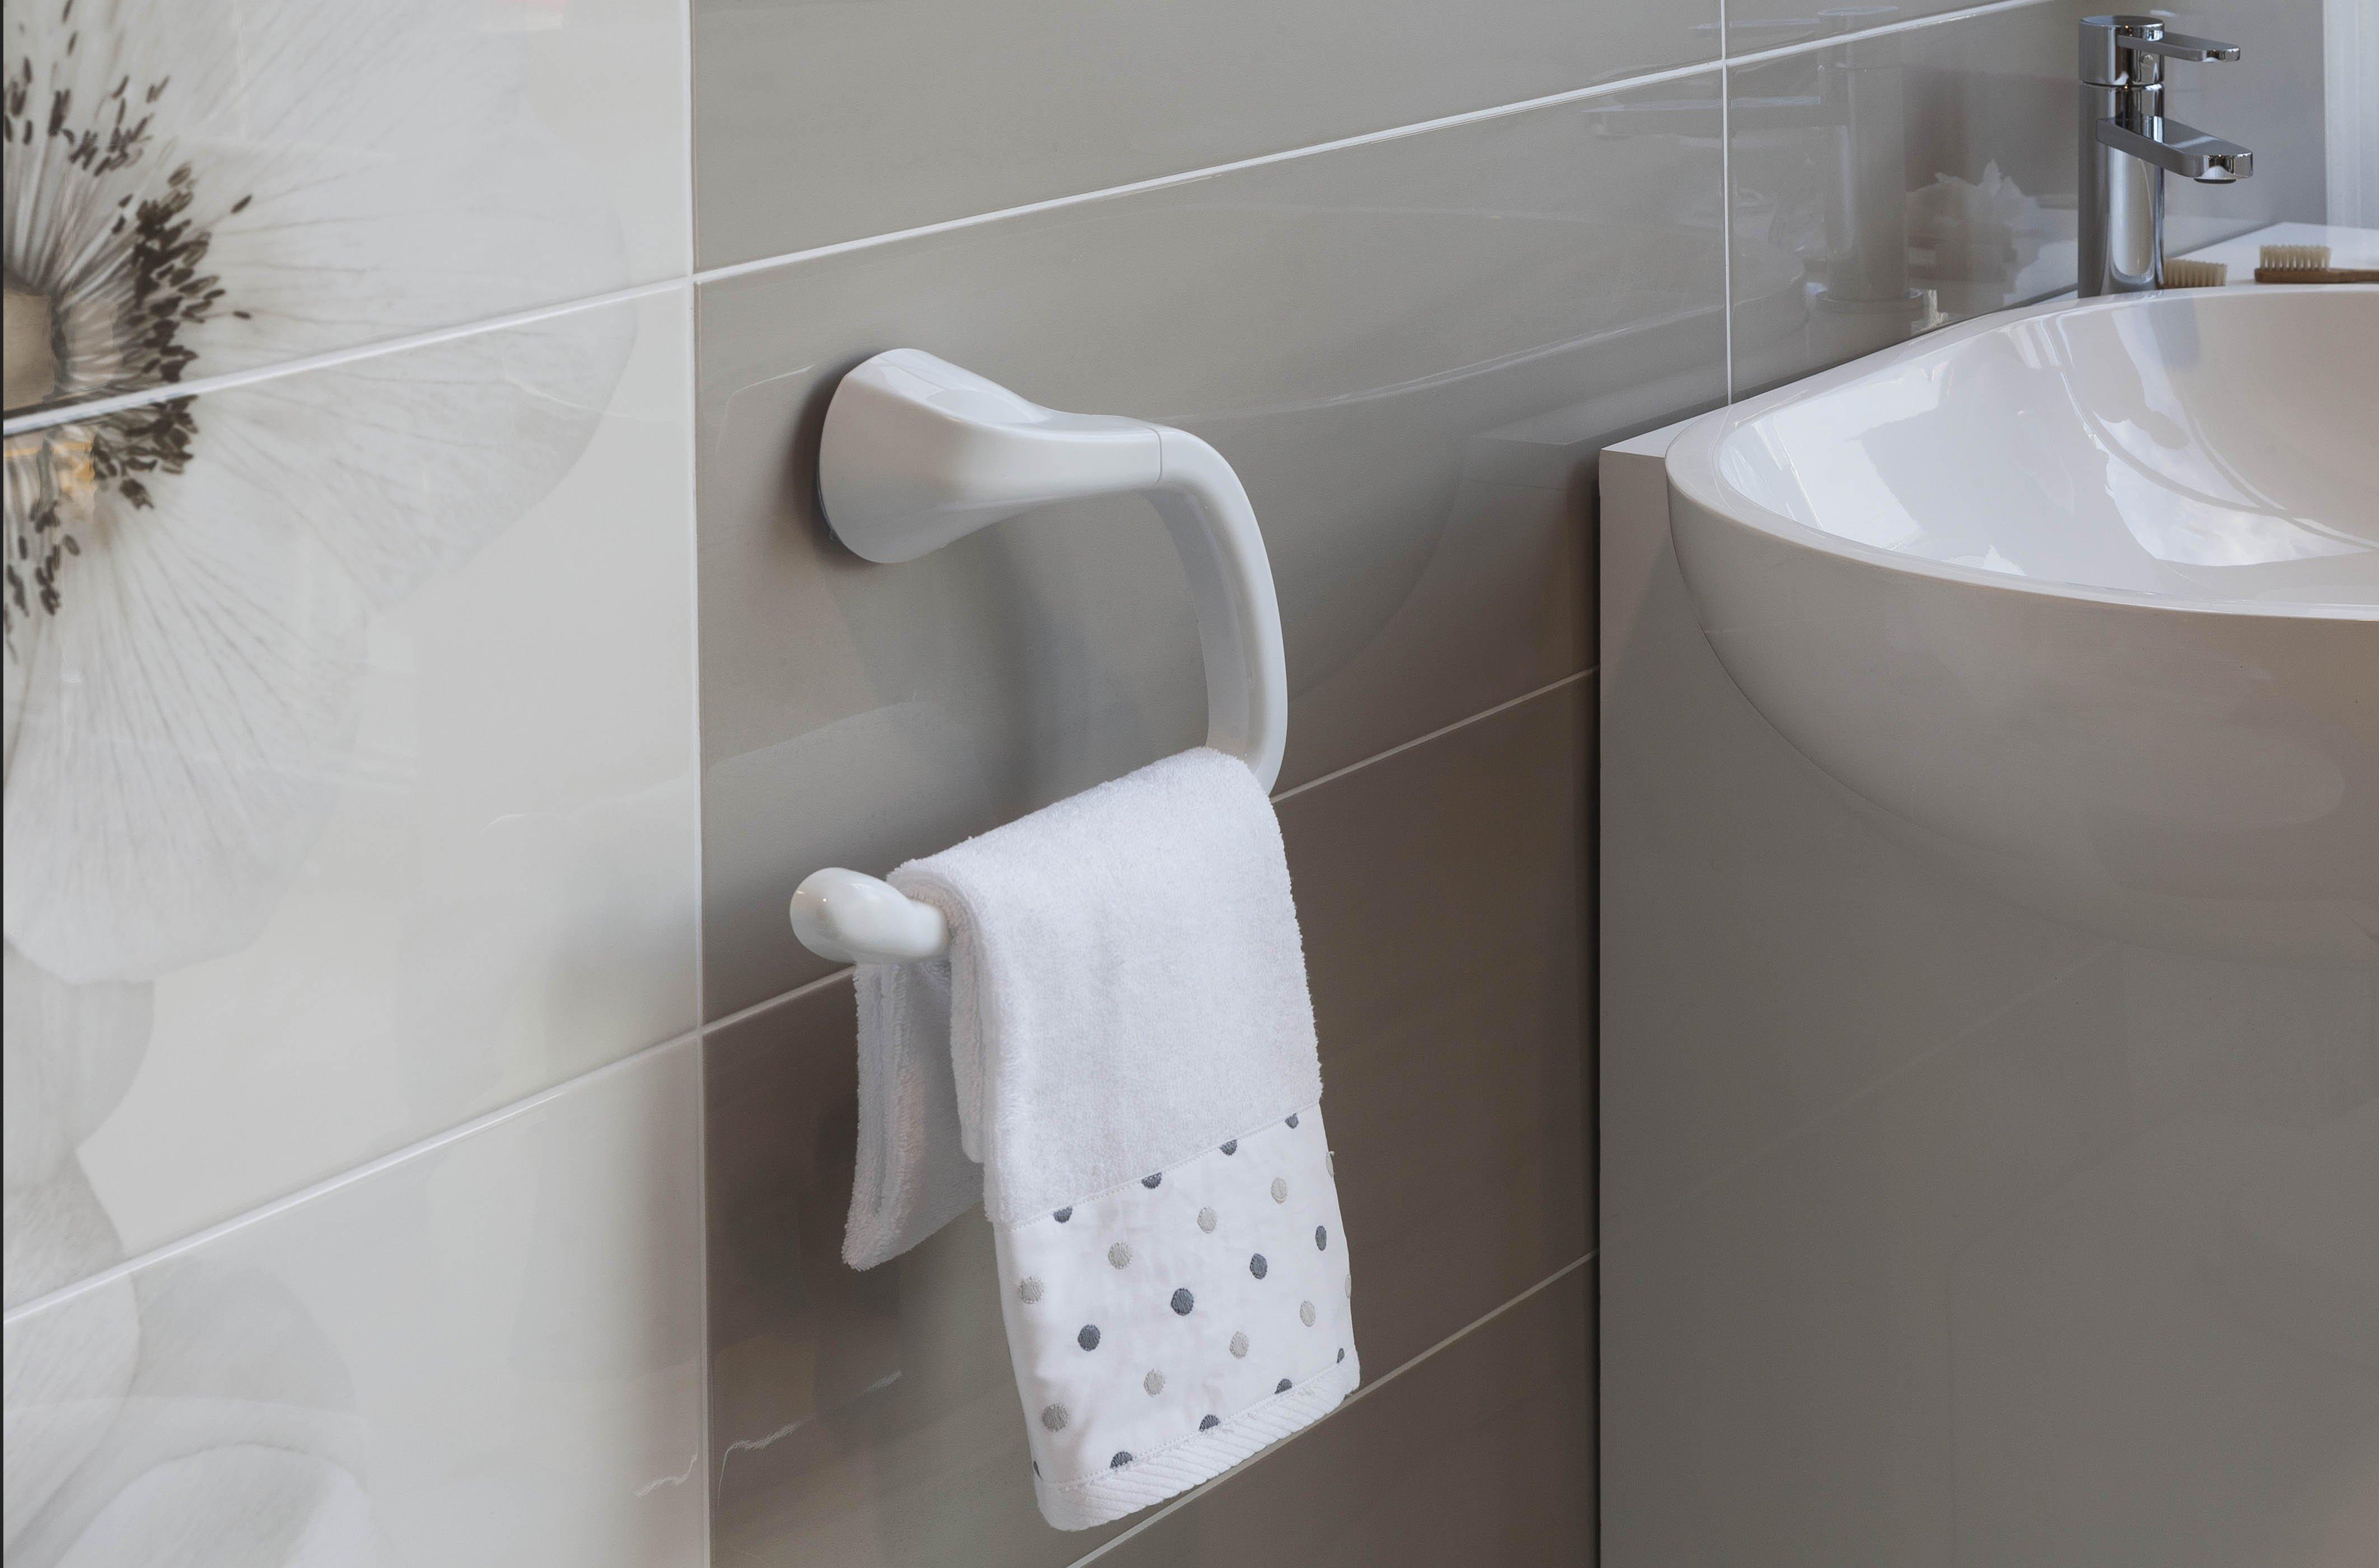 In bagno accessori senza viti e tasselli cose di casa - Mondo convenienza accessori bagno ...